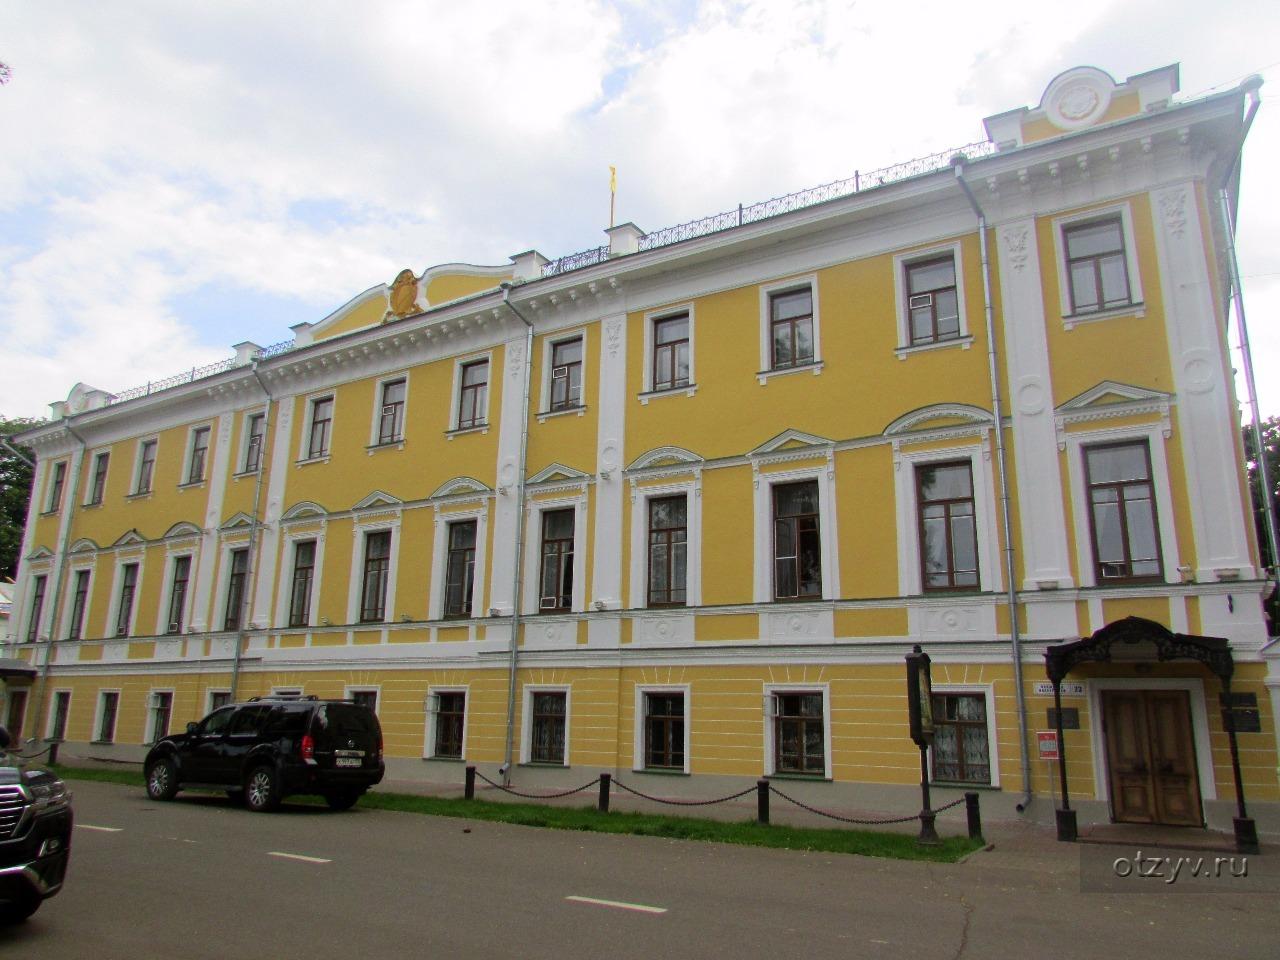 ярославский художественный музей выставки фото